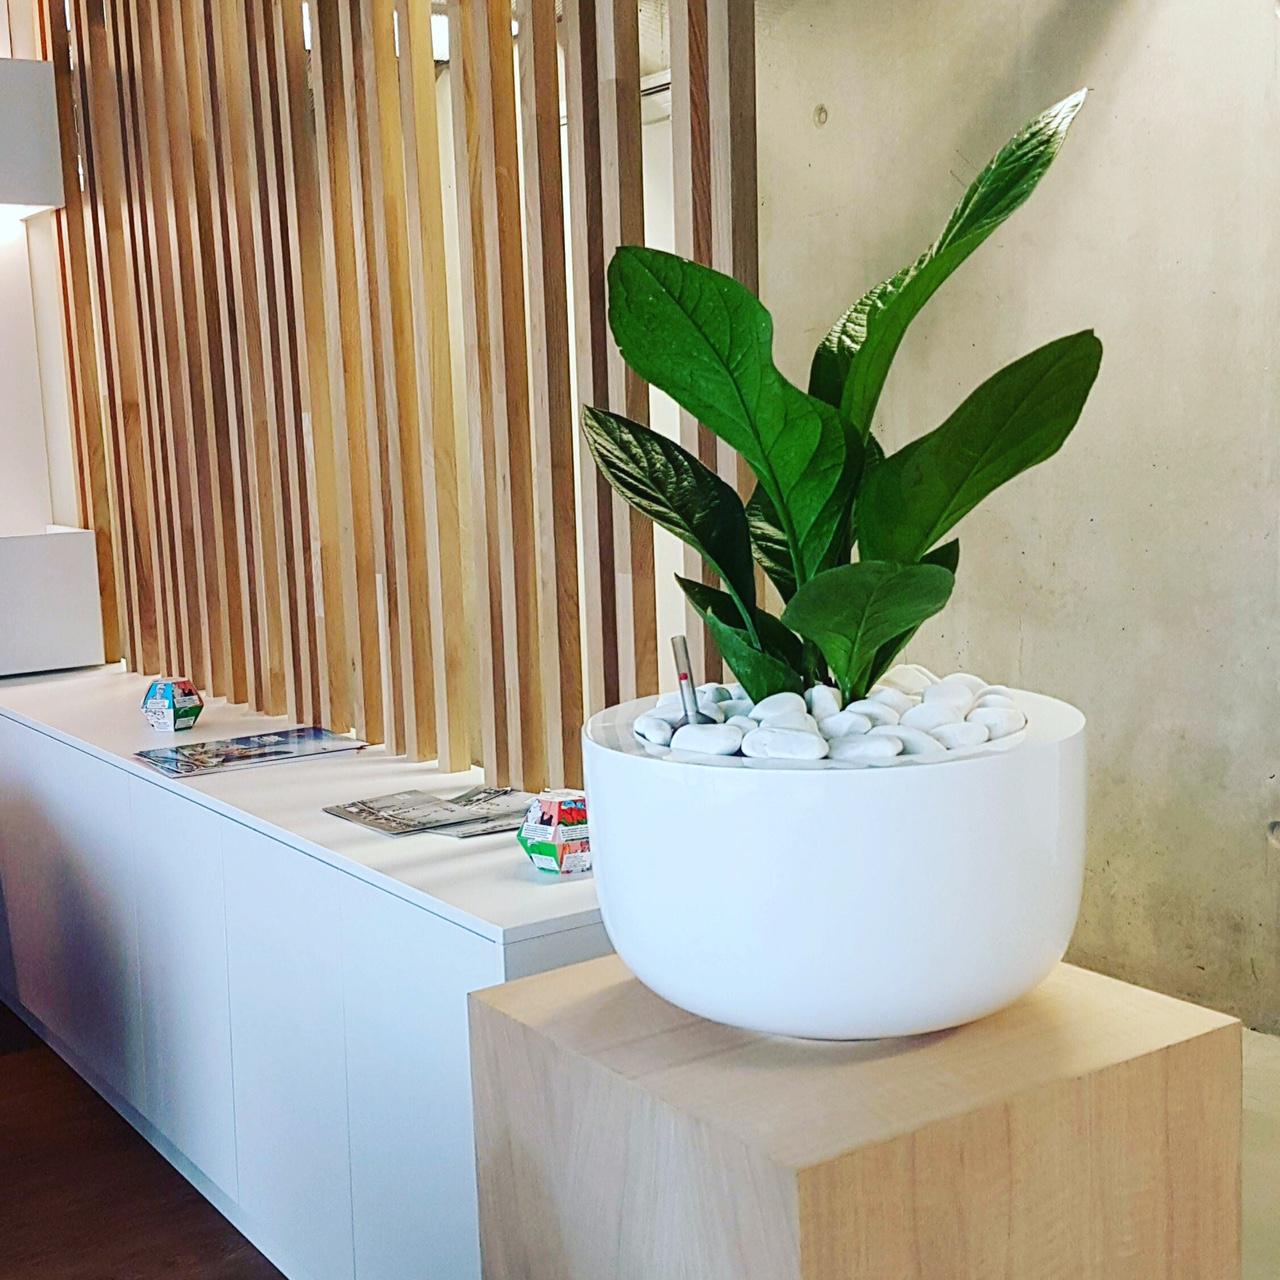 Location de plantes et pots pour habiller vos locaux et espaces de travail